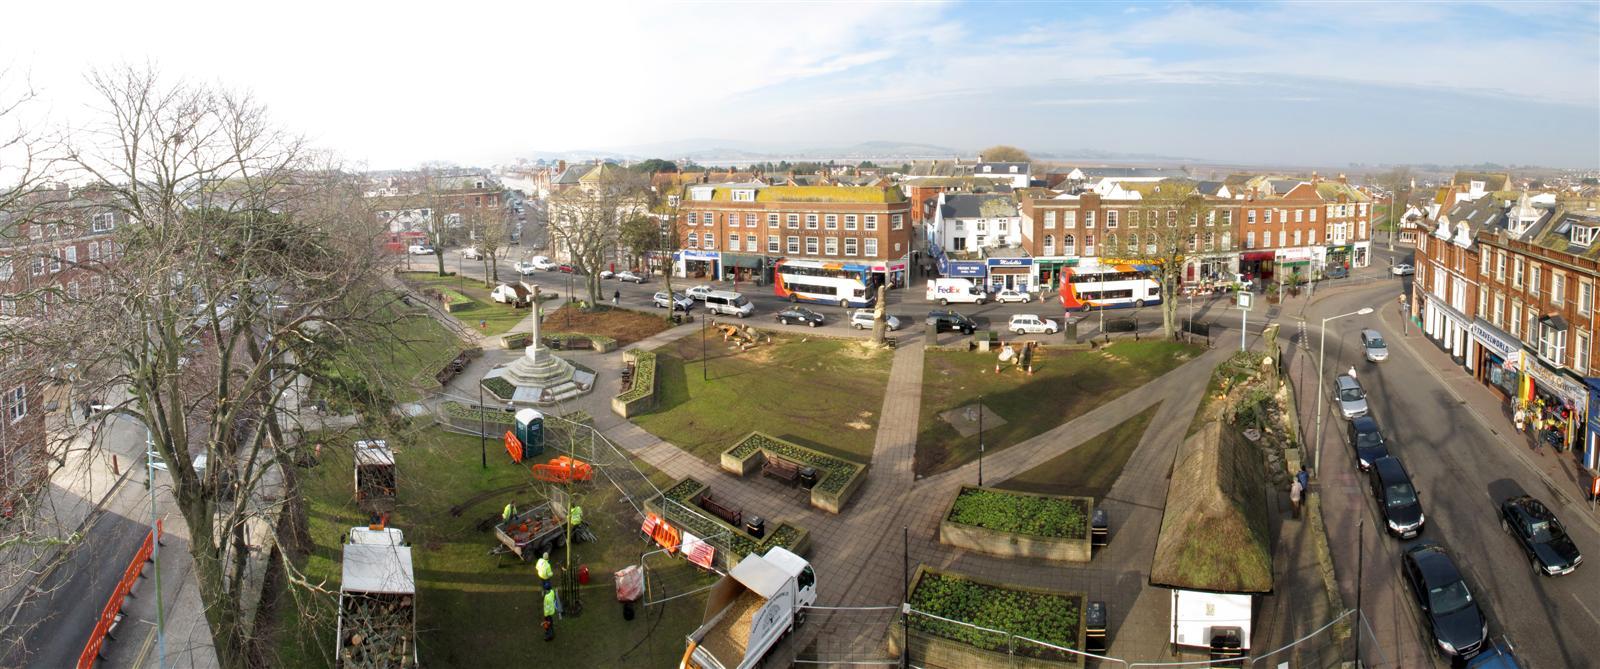 Exmouth Strand Gardens